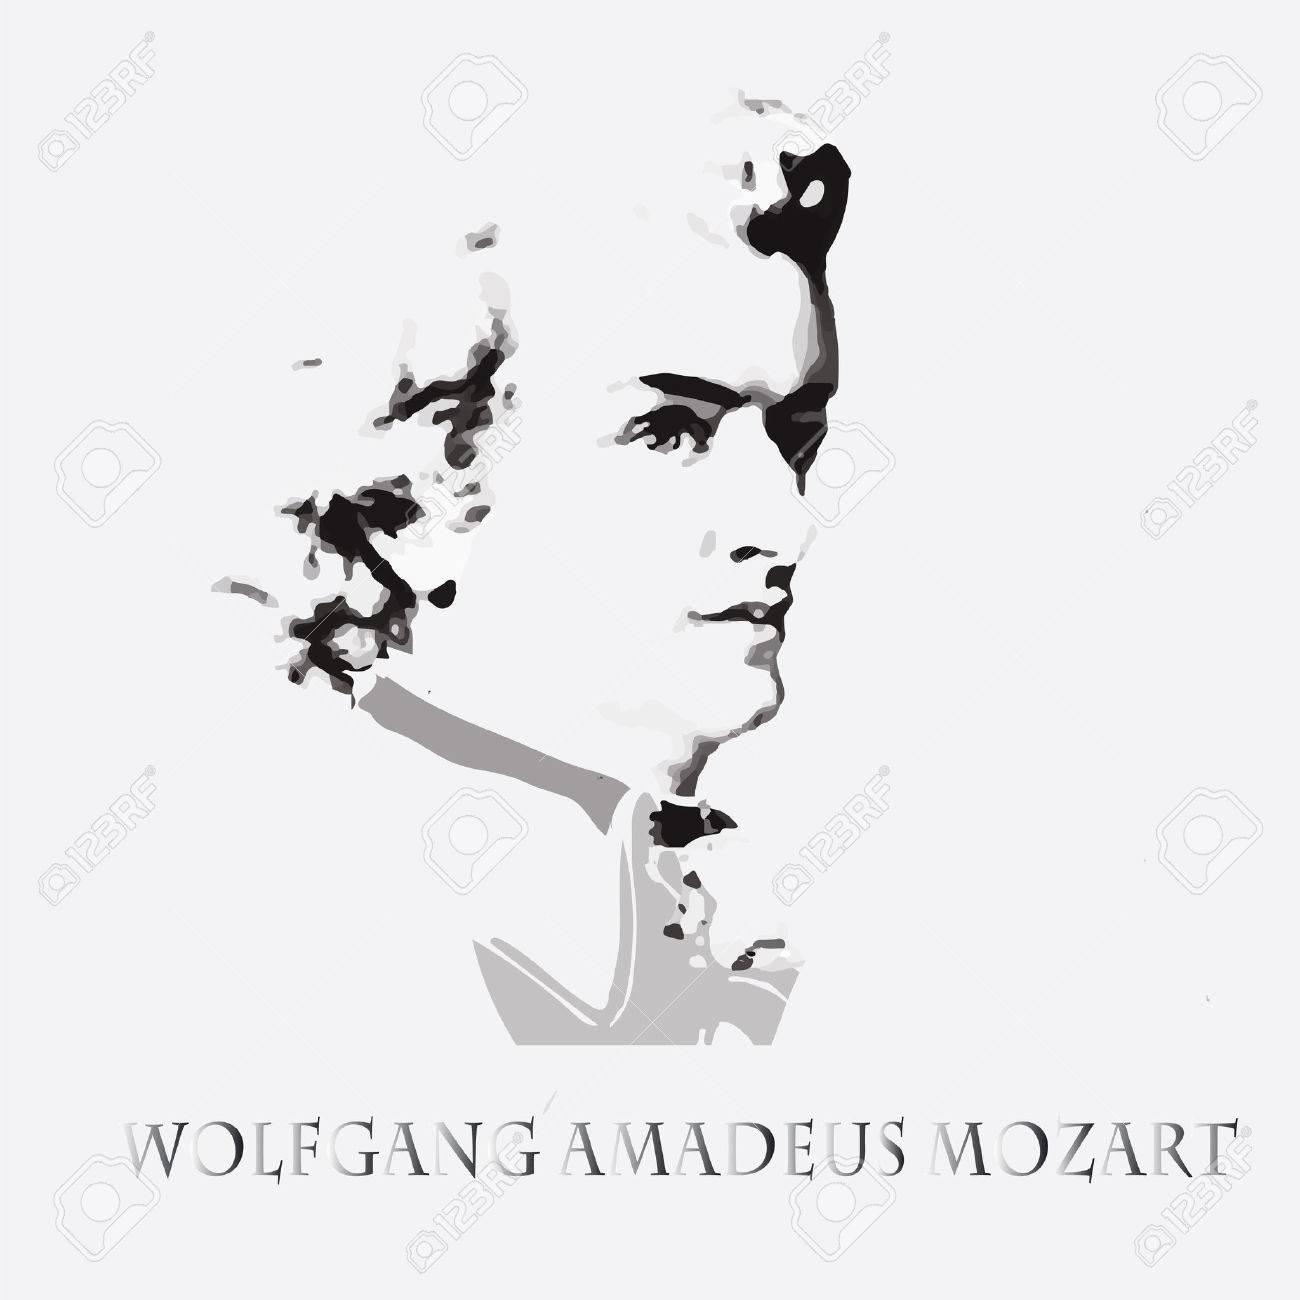 作曲家および音楽家ヴォルフガング アマデウス モーツァルトの